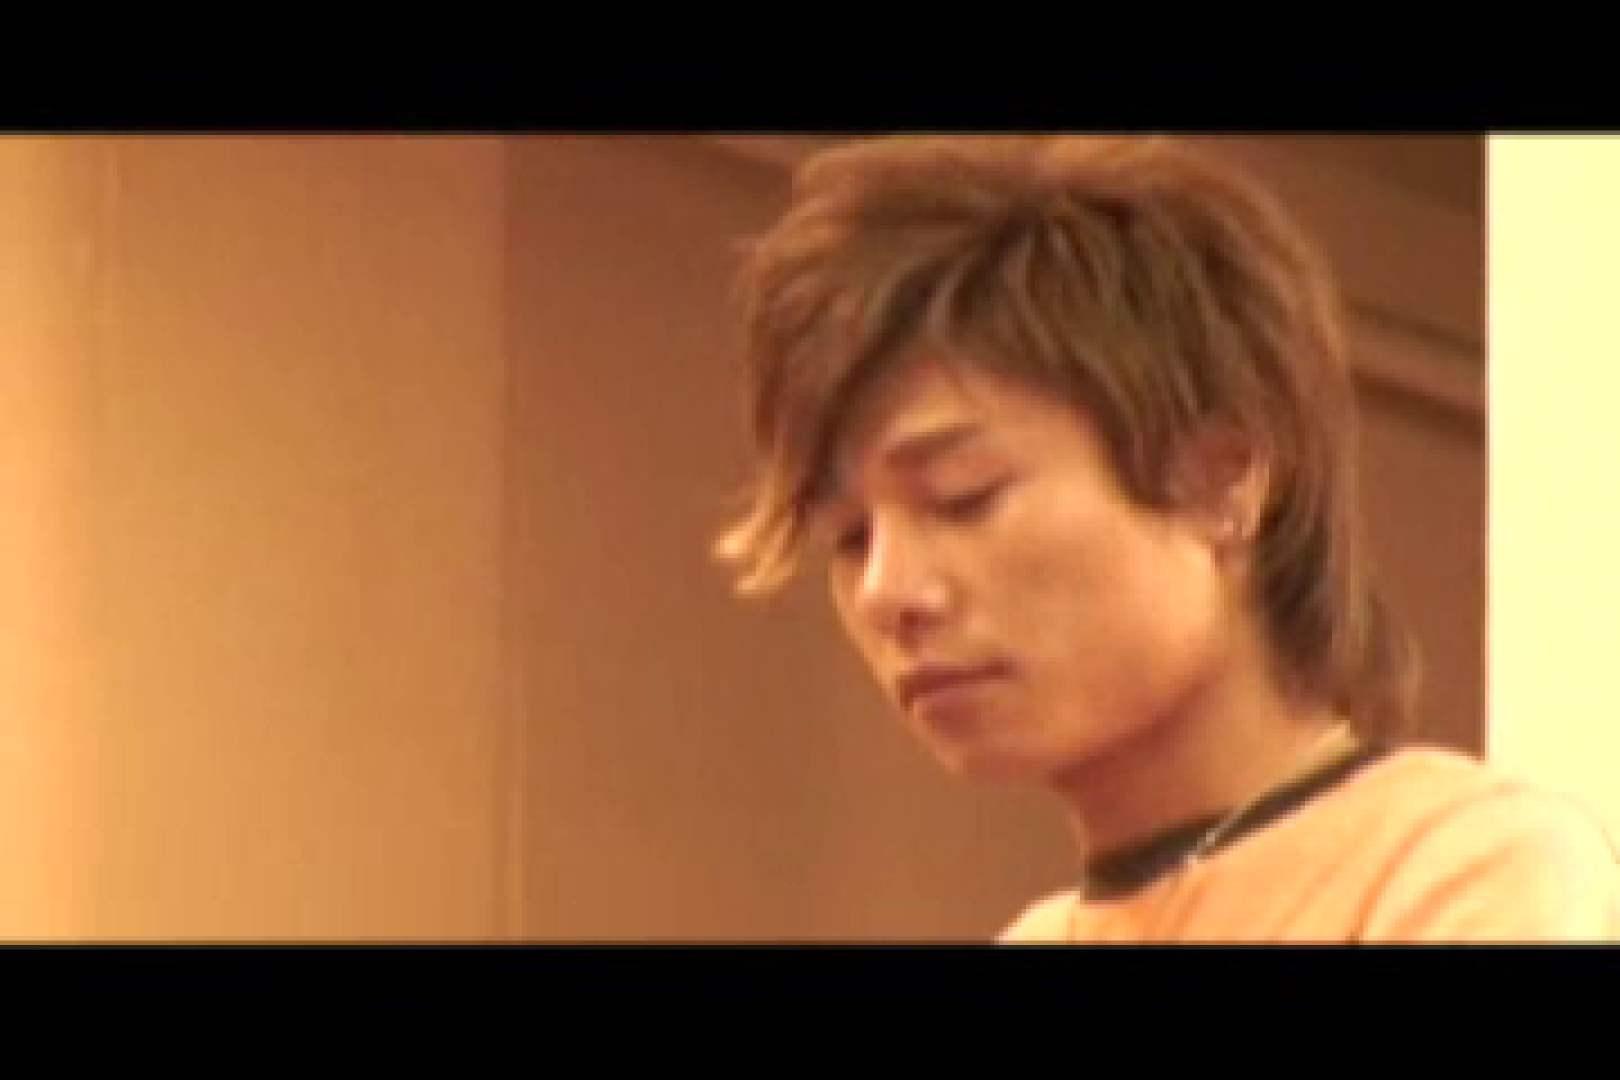 イケメン,s VOL.6 フェラ天国 ゲイ素人エロ画像 106pic 30